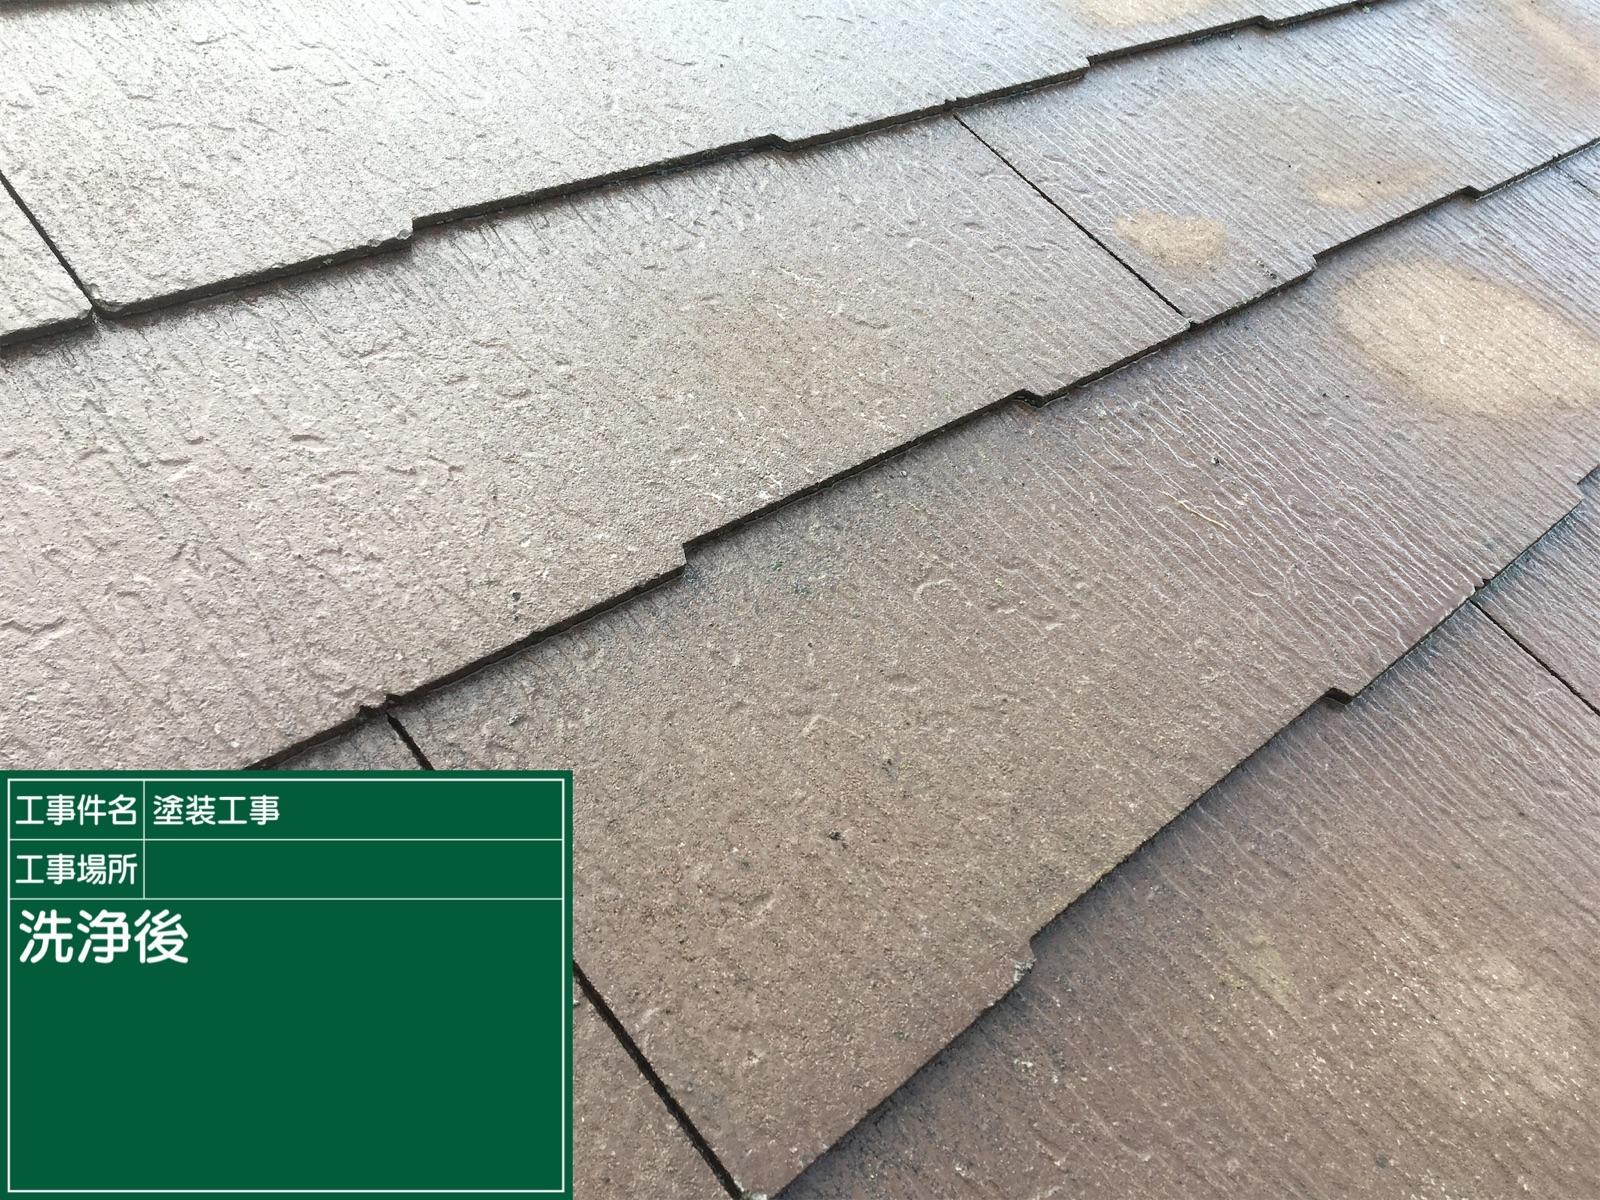 高圧洗浄後屋根300016